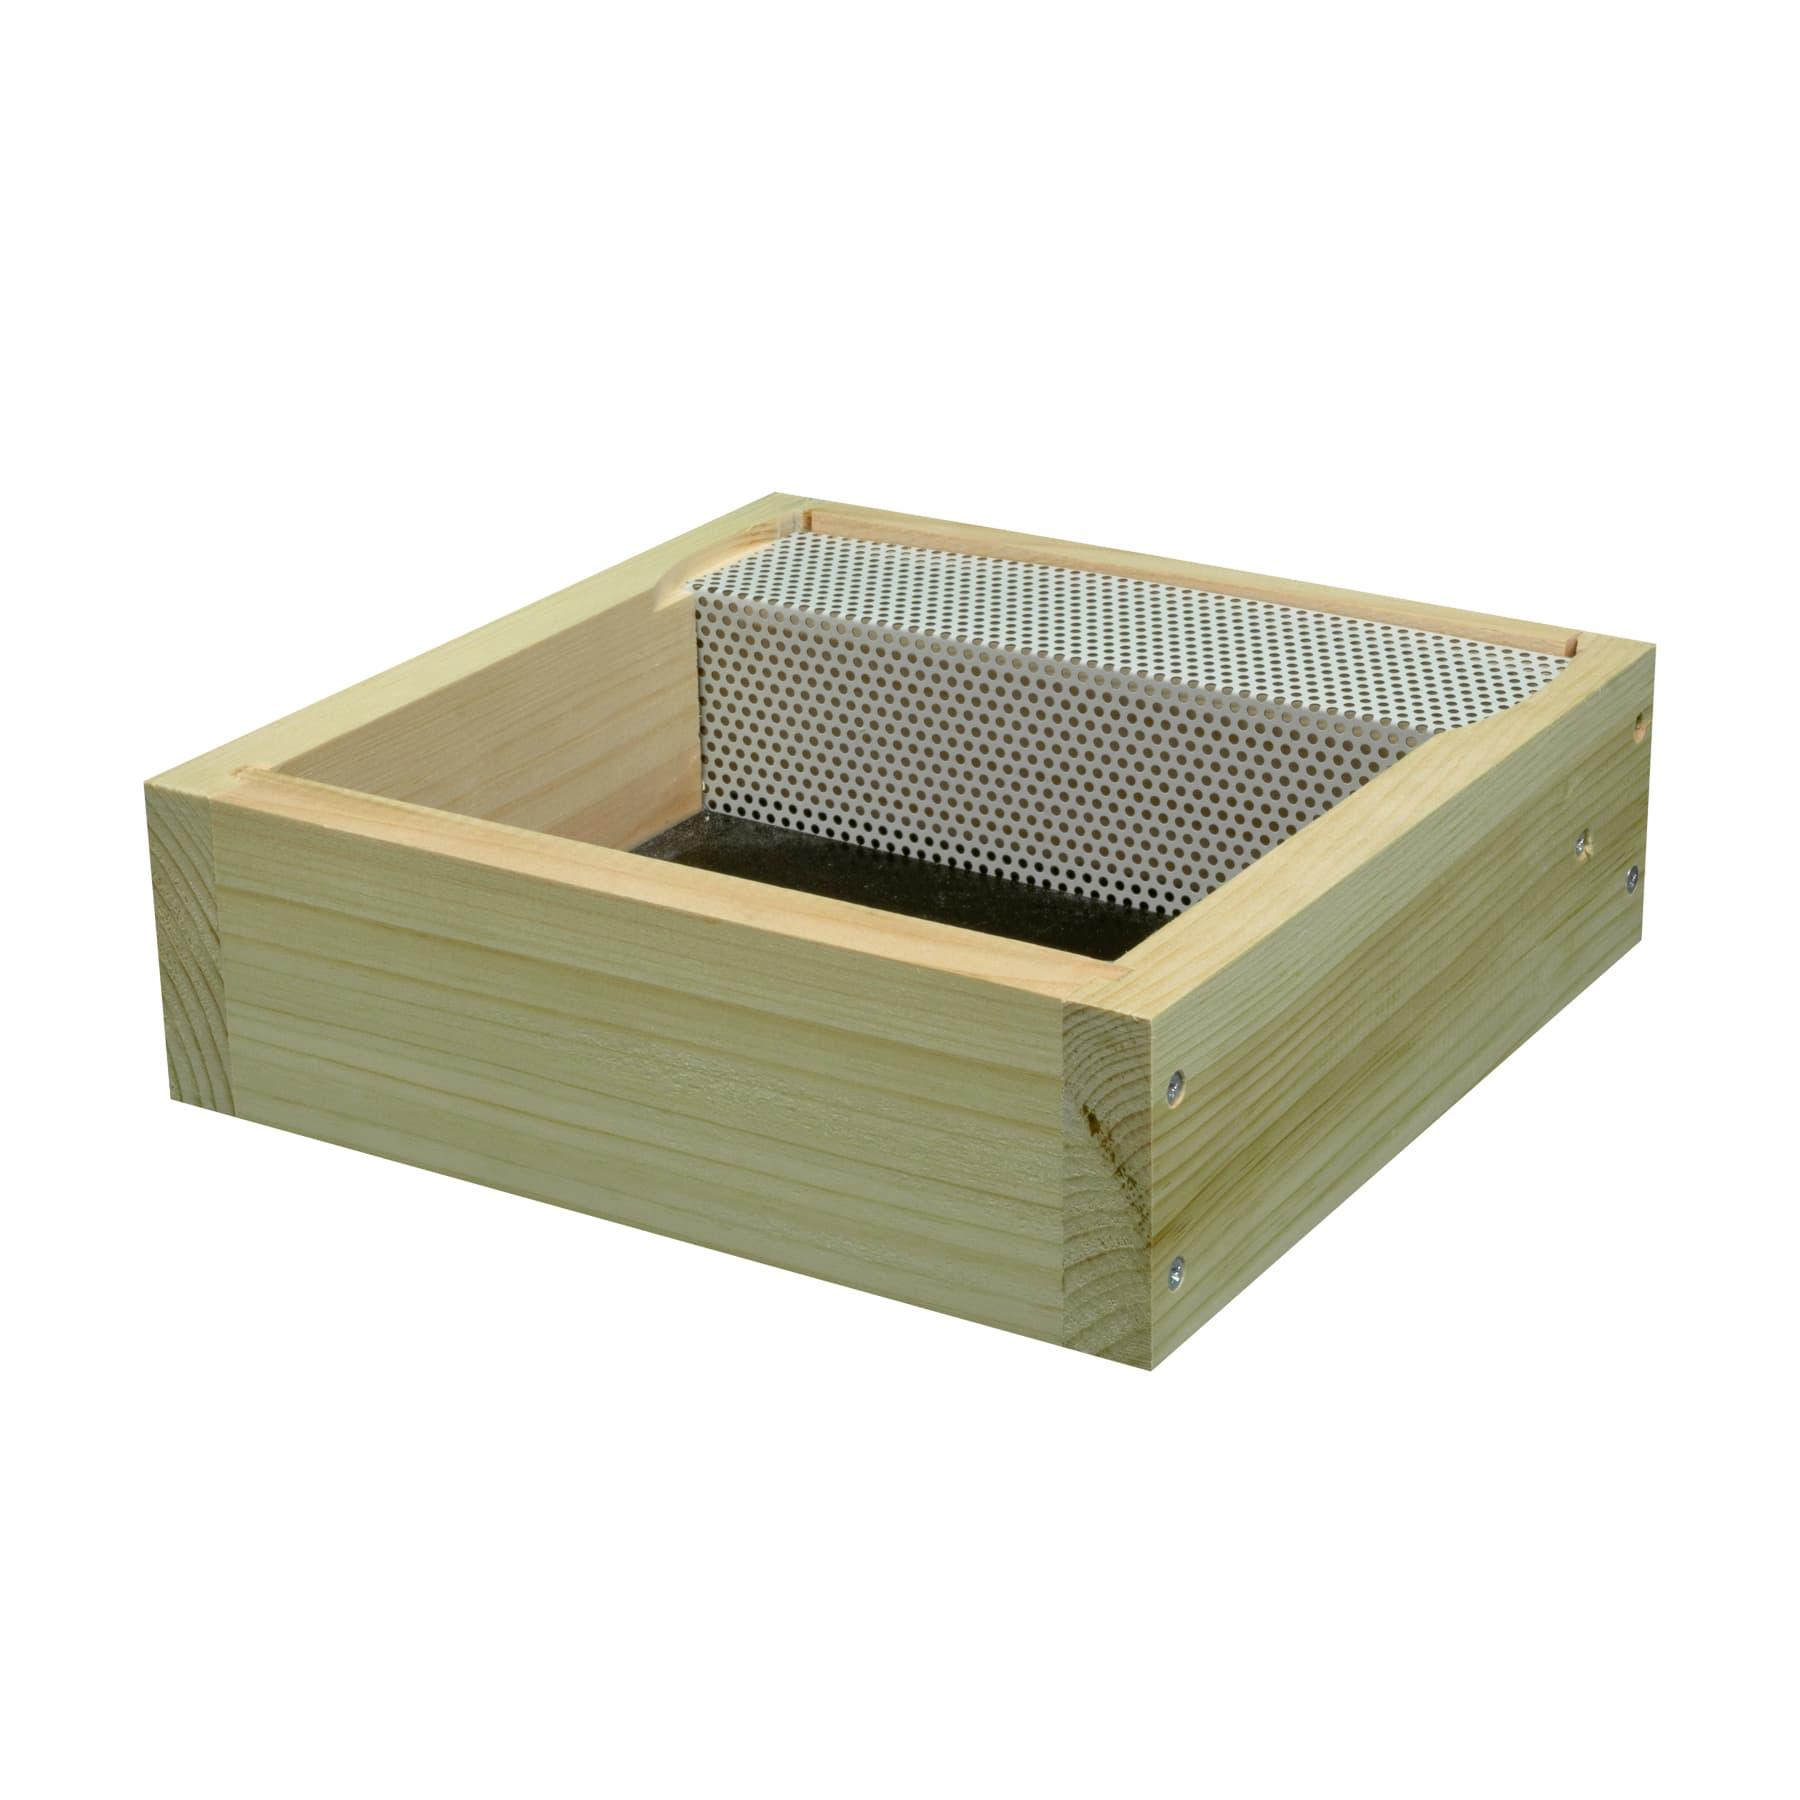 Miniplus Futterzarge aus Holz mit seitlichem Aufstieg